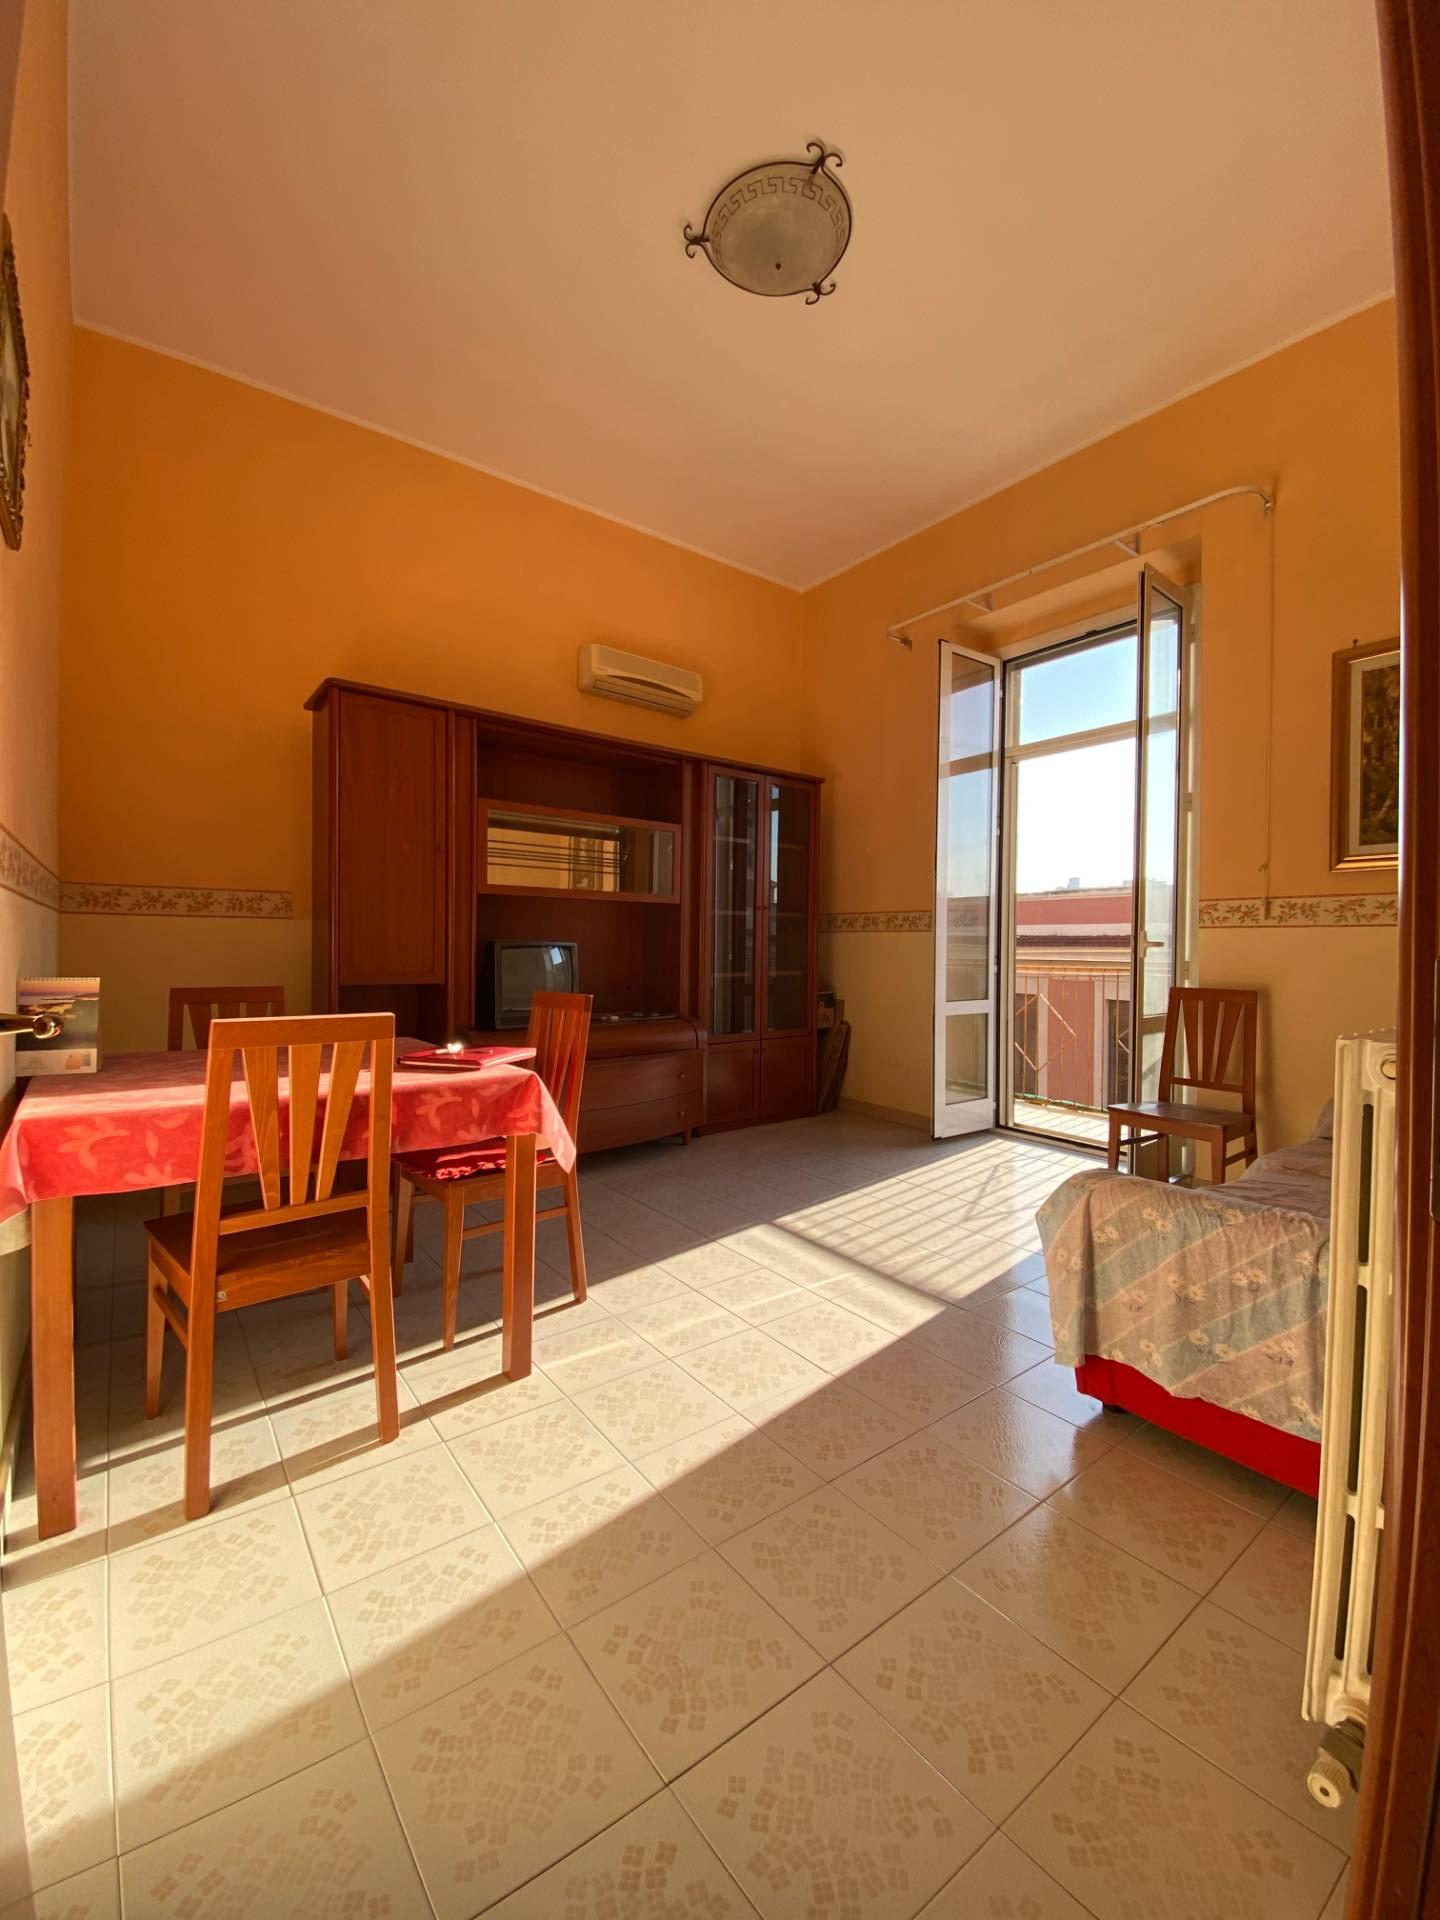 Appartamento in affitto a Taranto, 2 locali, zona Zona: Borgo, prezzo € 400 | CambioCasa.it